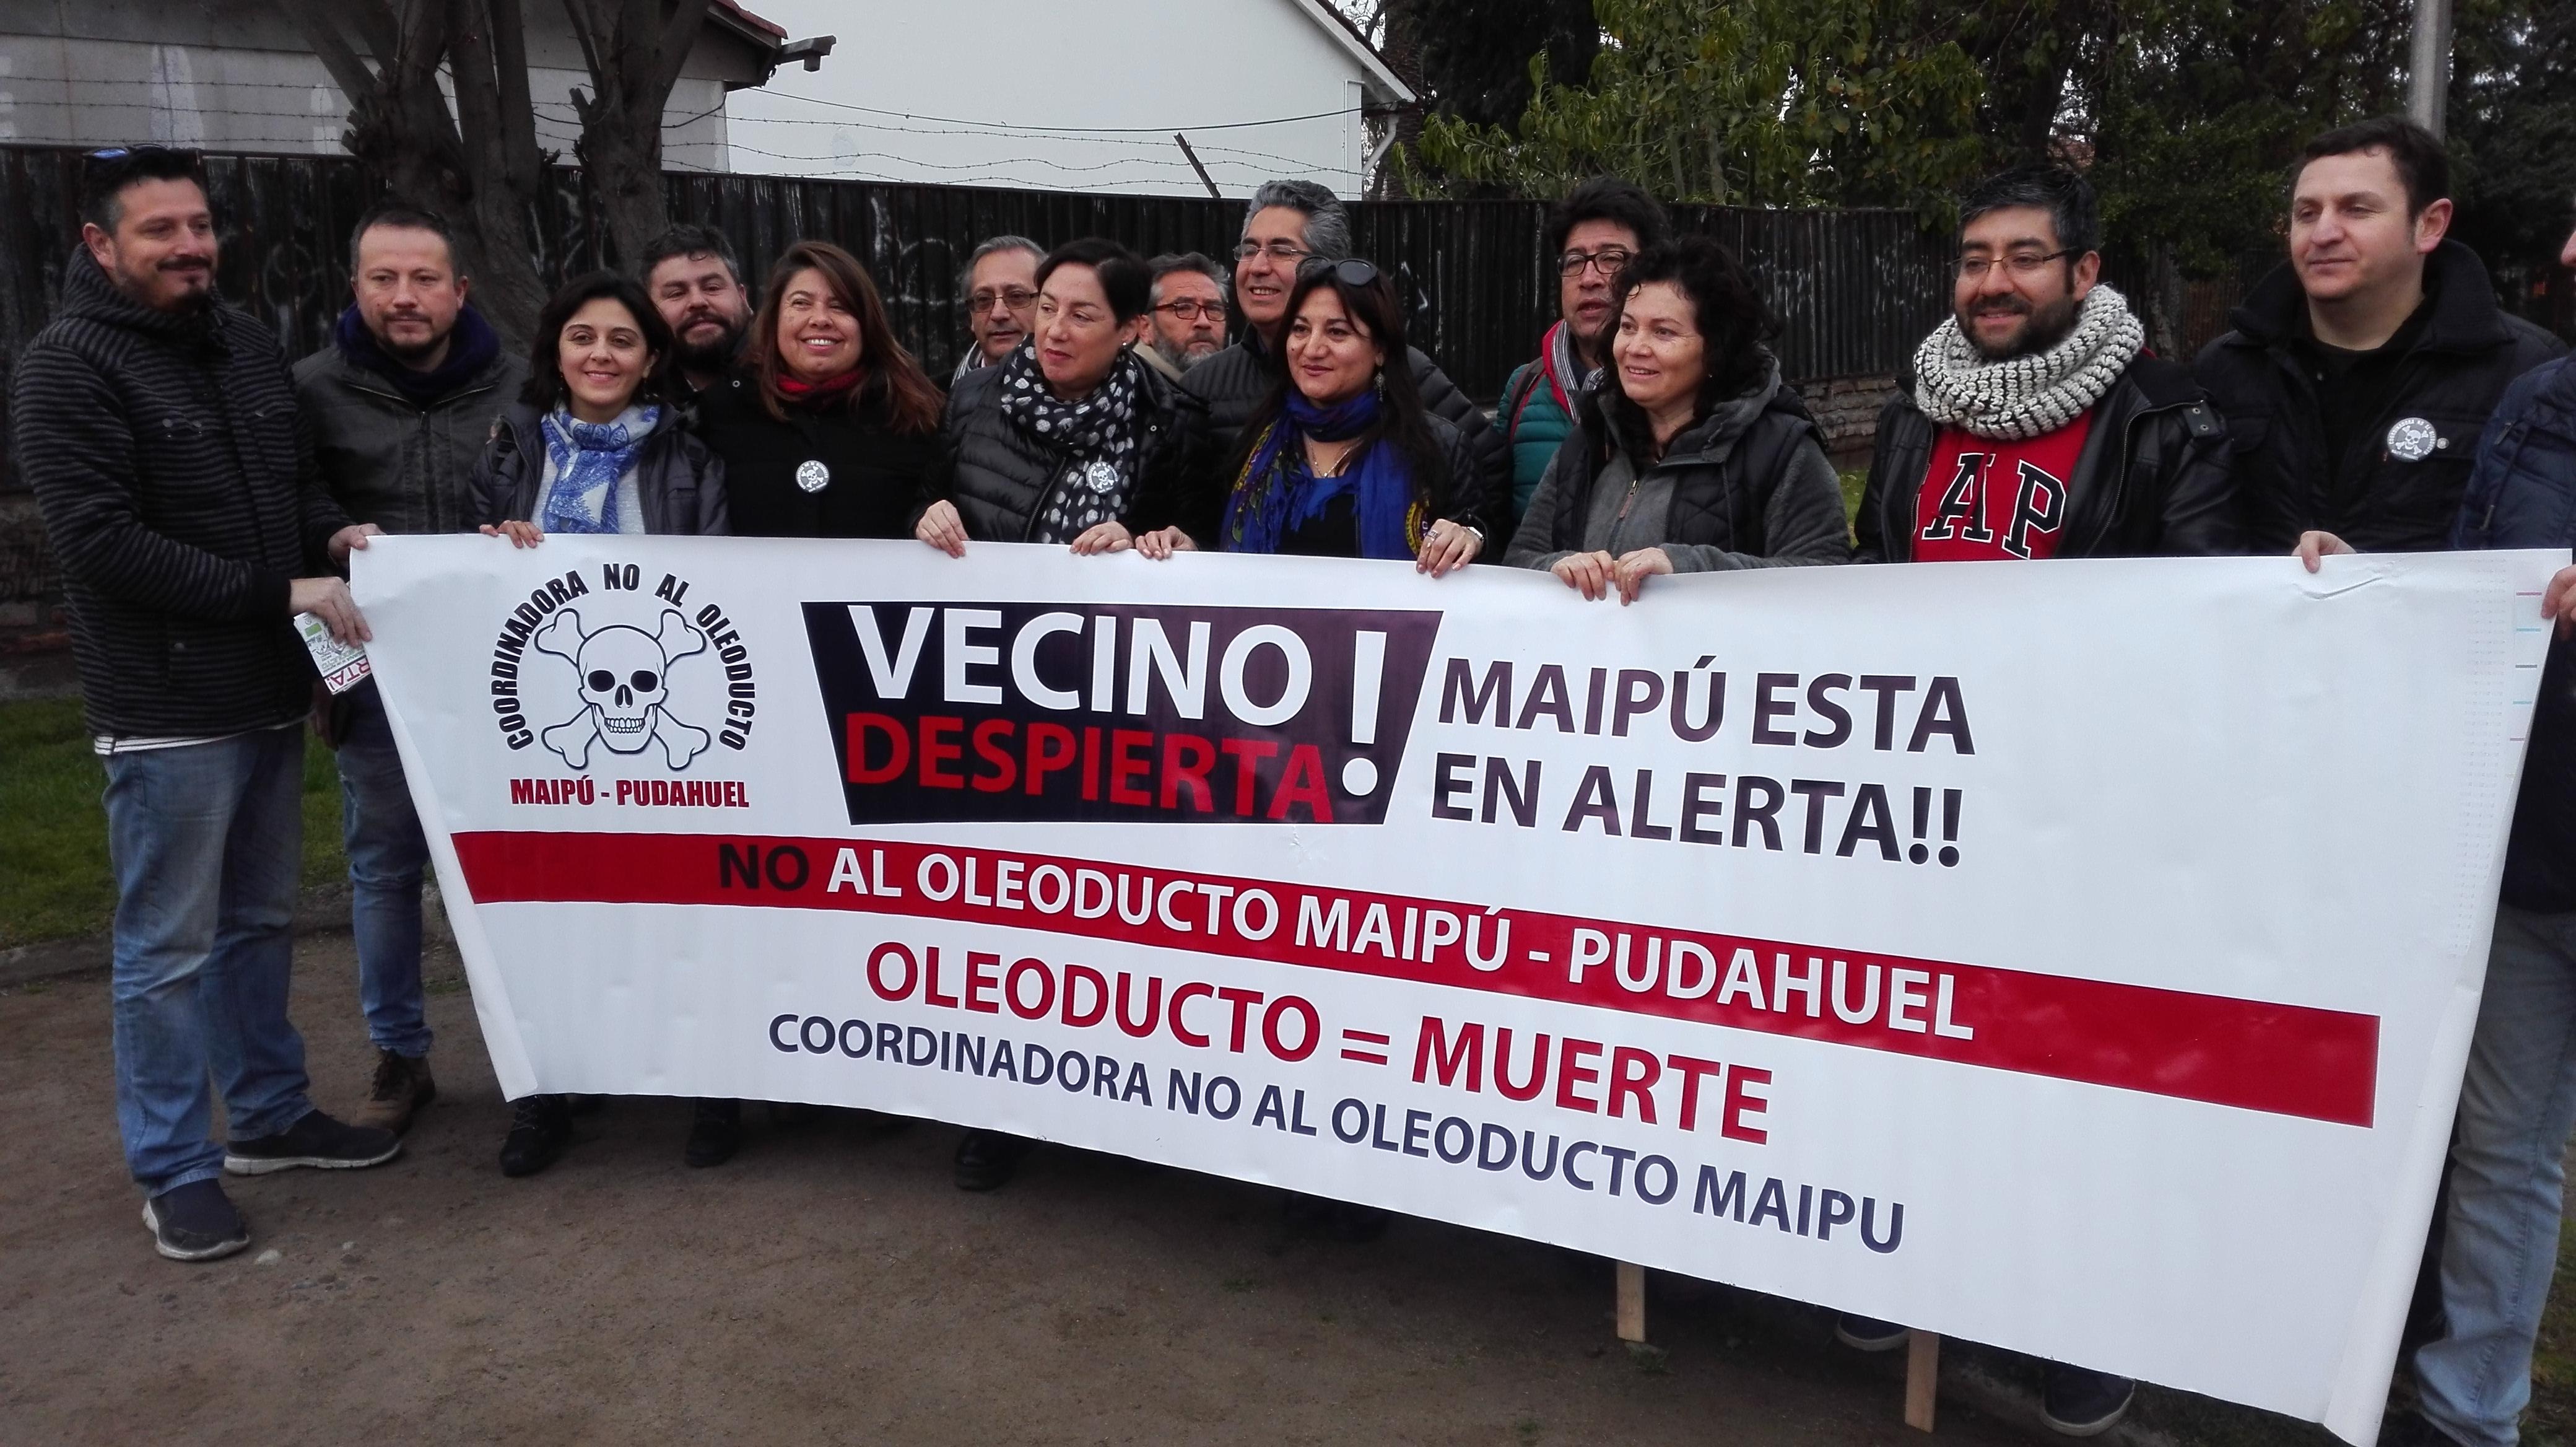 Petroleras se enfrentan con municipio de Maipú por oleoducto para llevar combustible al aeropuerto de Santiago